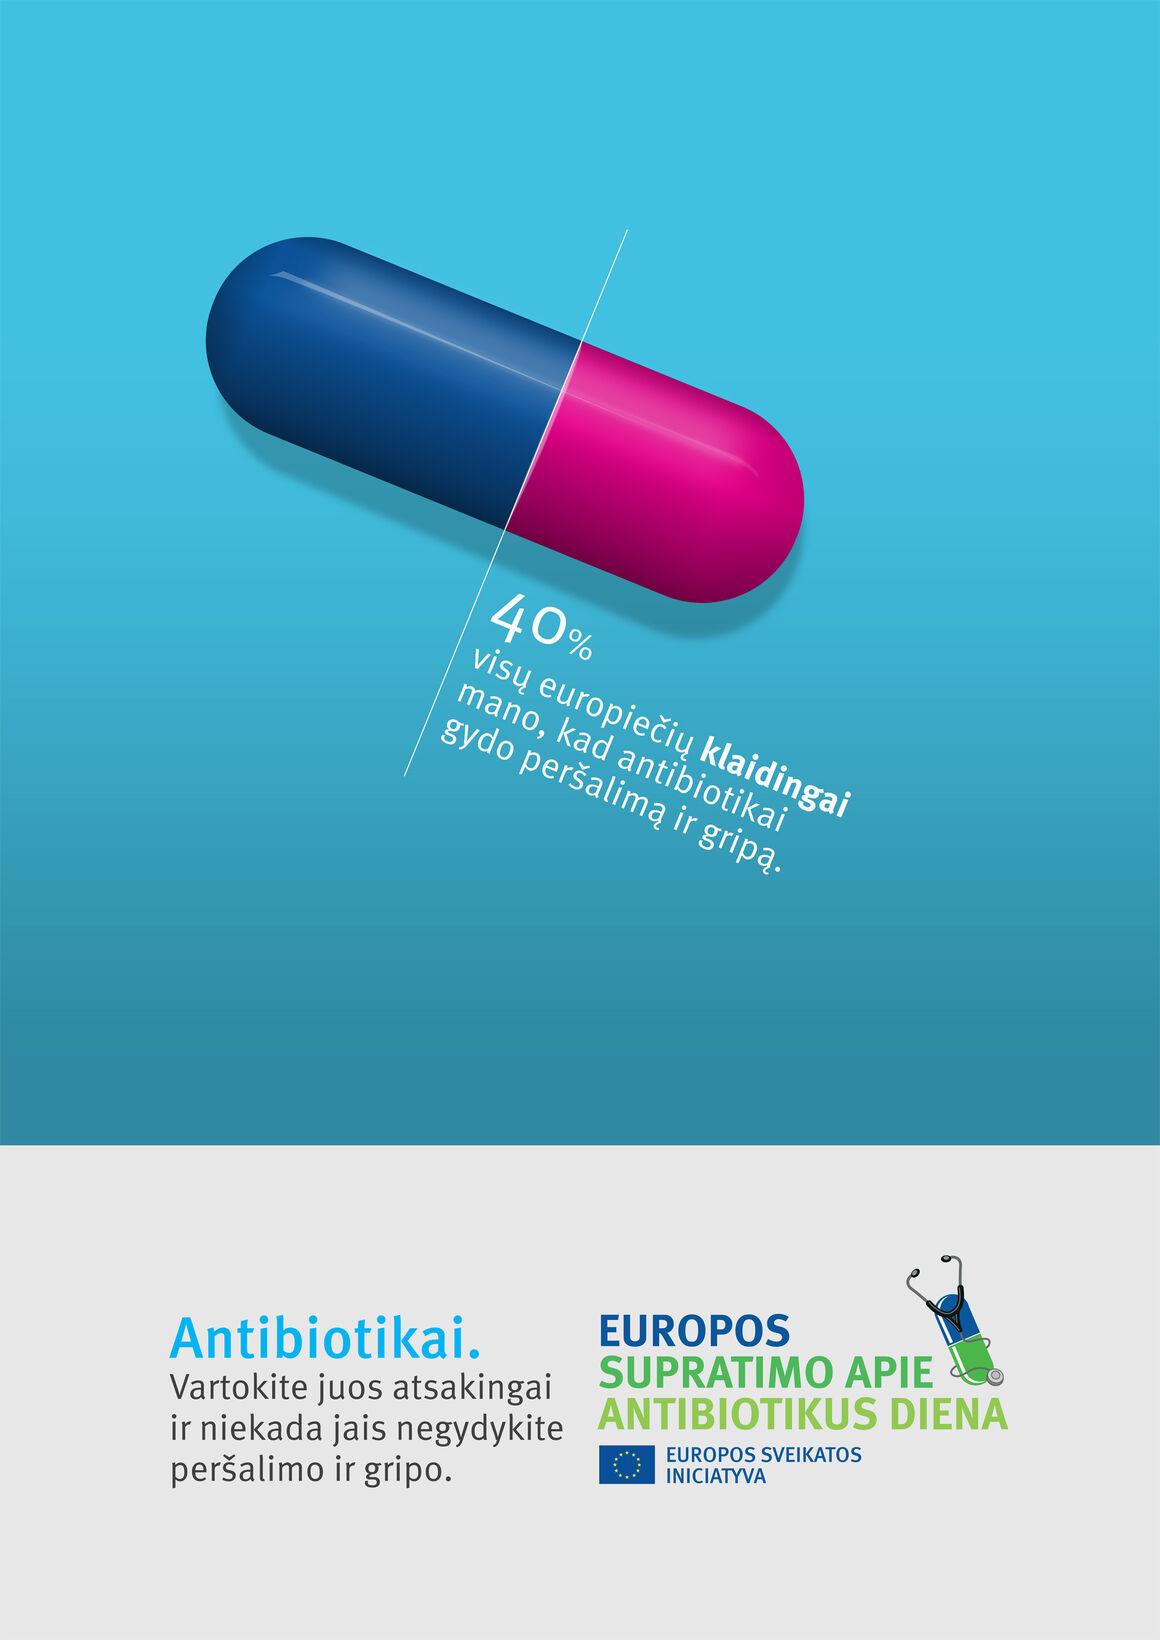 Plakatą: Antibiotikai. Vartokite juos atsakingai ir niekada jais negydykite peršalimo ir gripo.